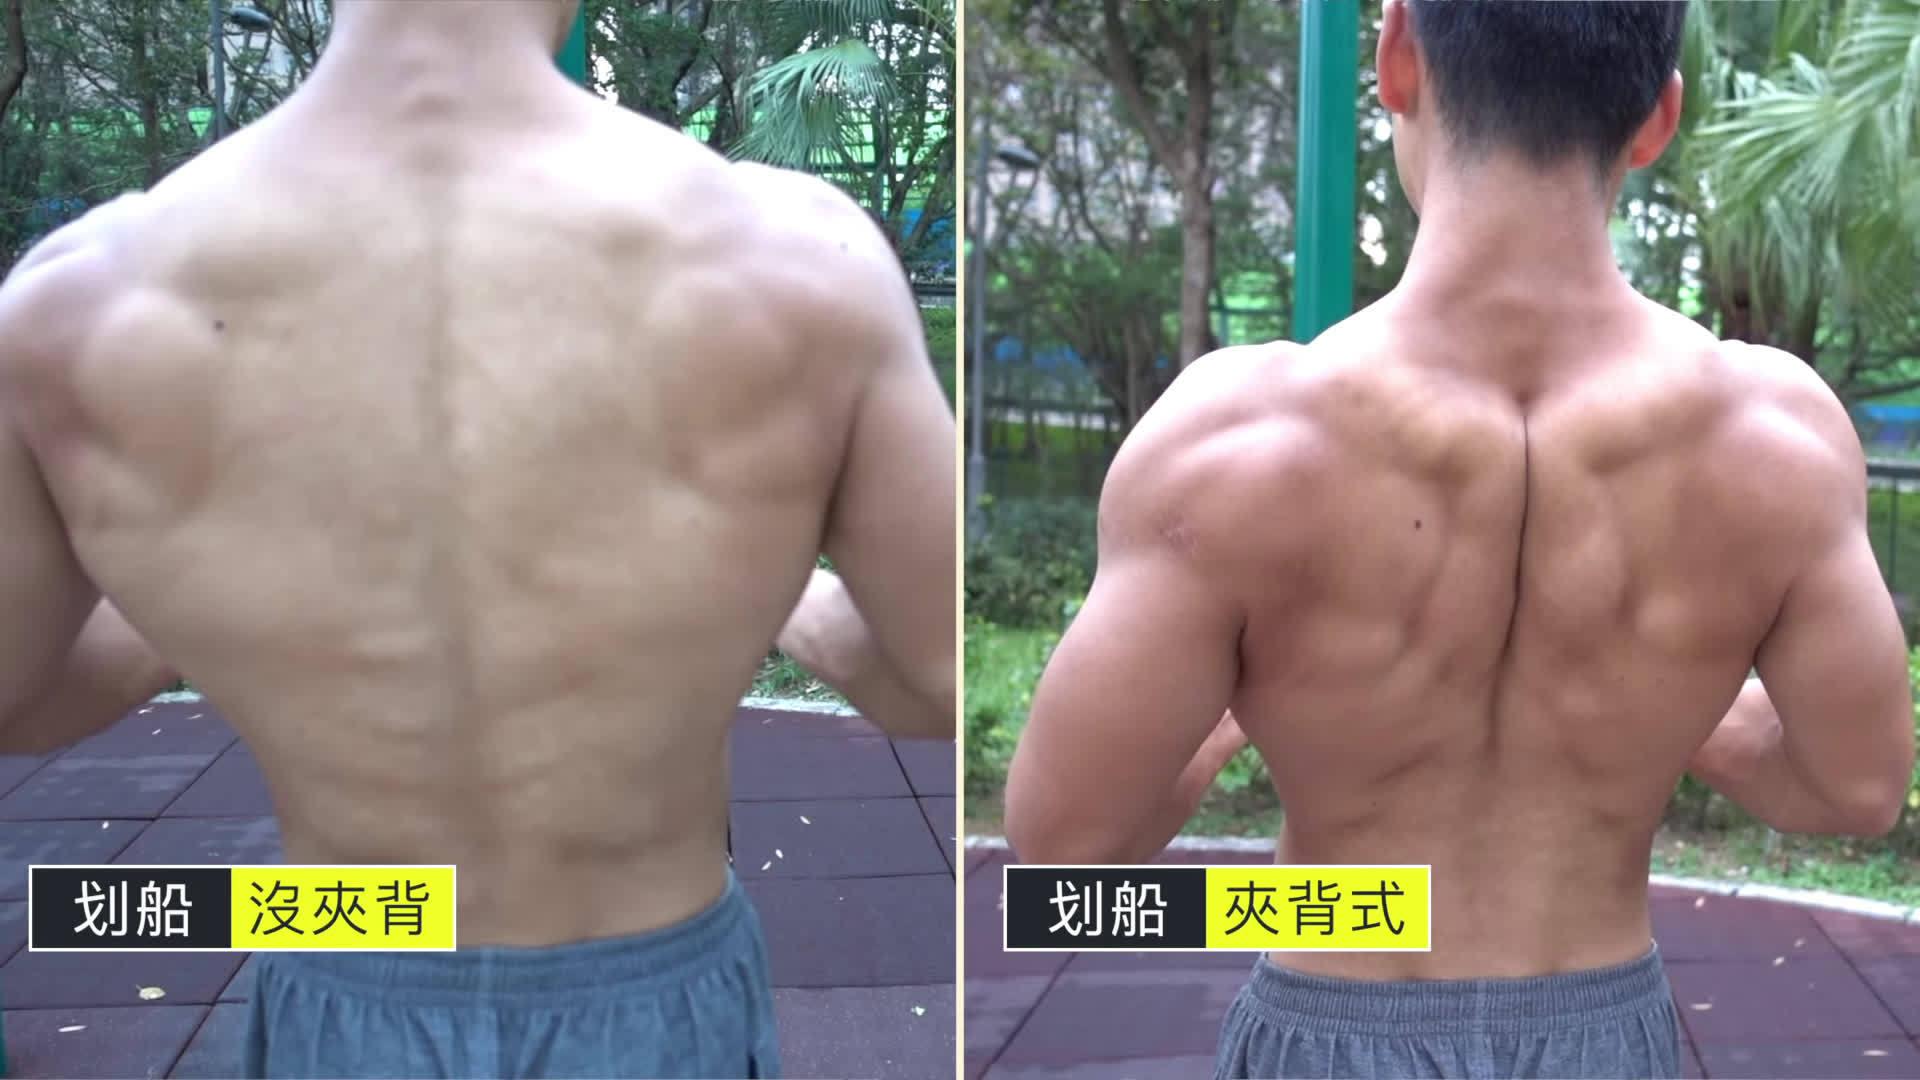 改善圆肩寒背教学 - 没成效的成因!寒背是由肌肉不平衡所导致的